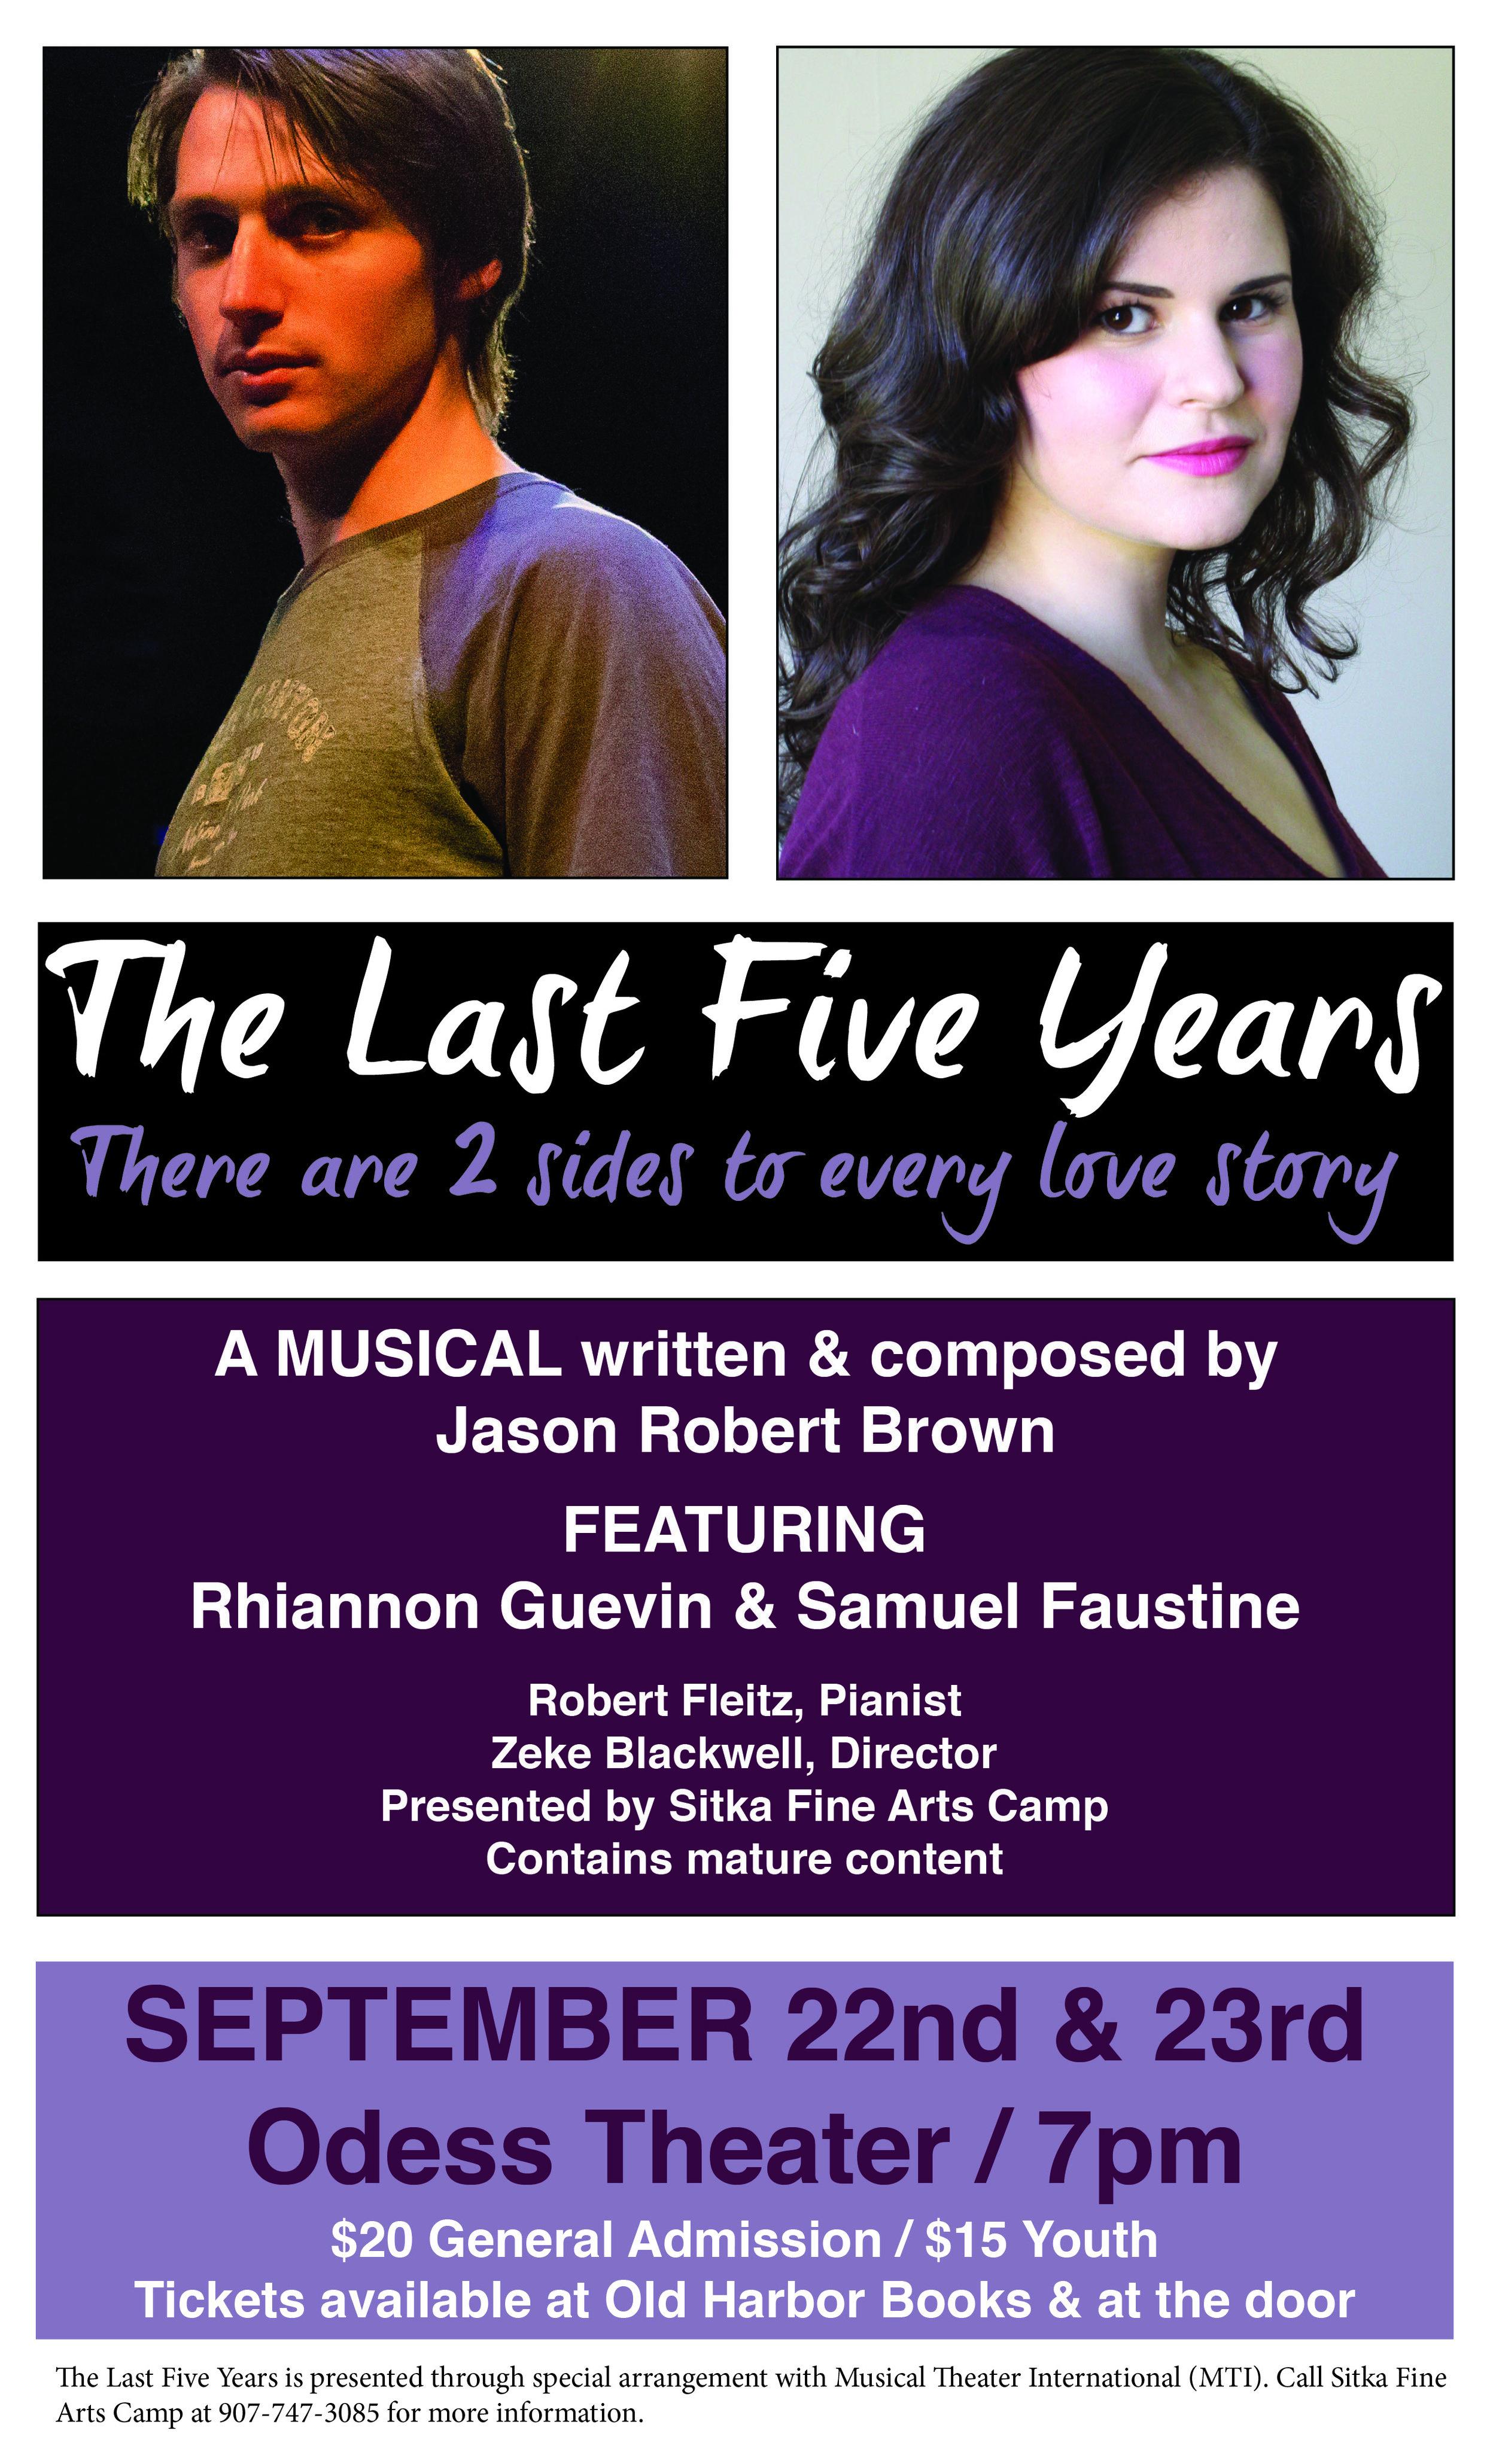 Last 5 Years Poster FINAL.jpg